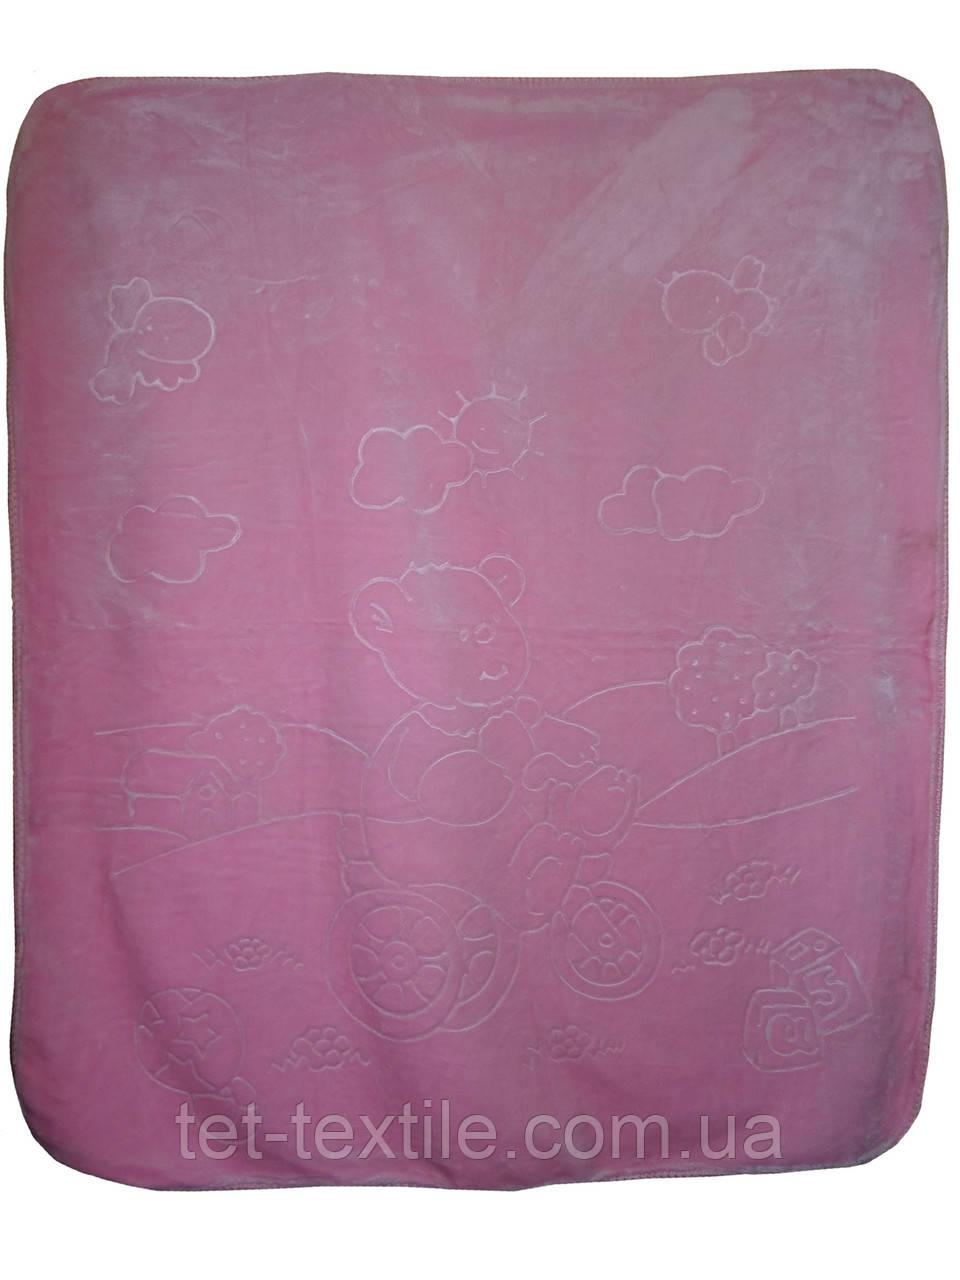 Плед детский акриловый (розовый)